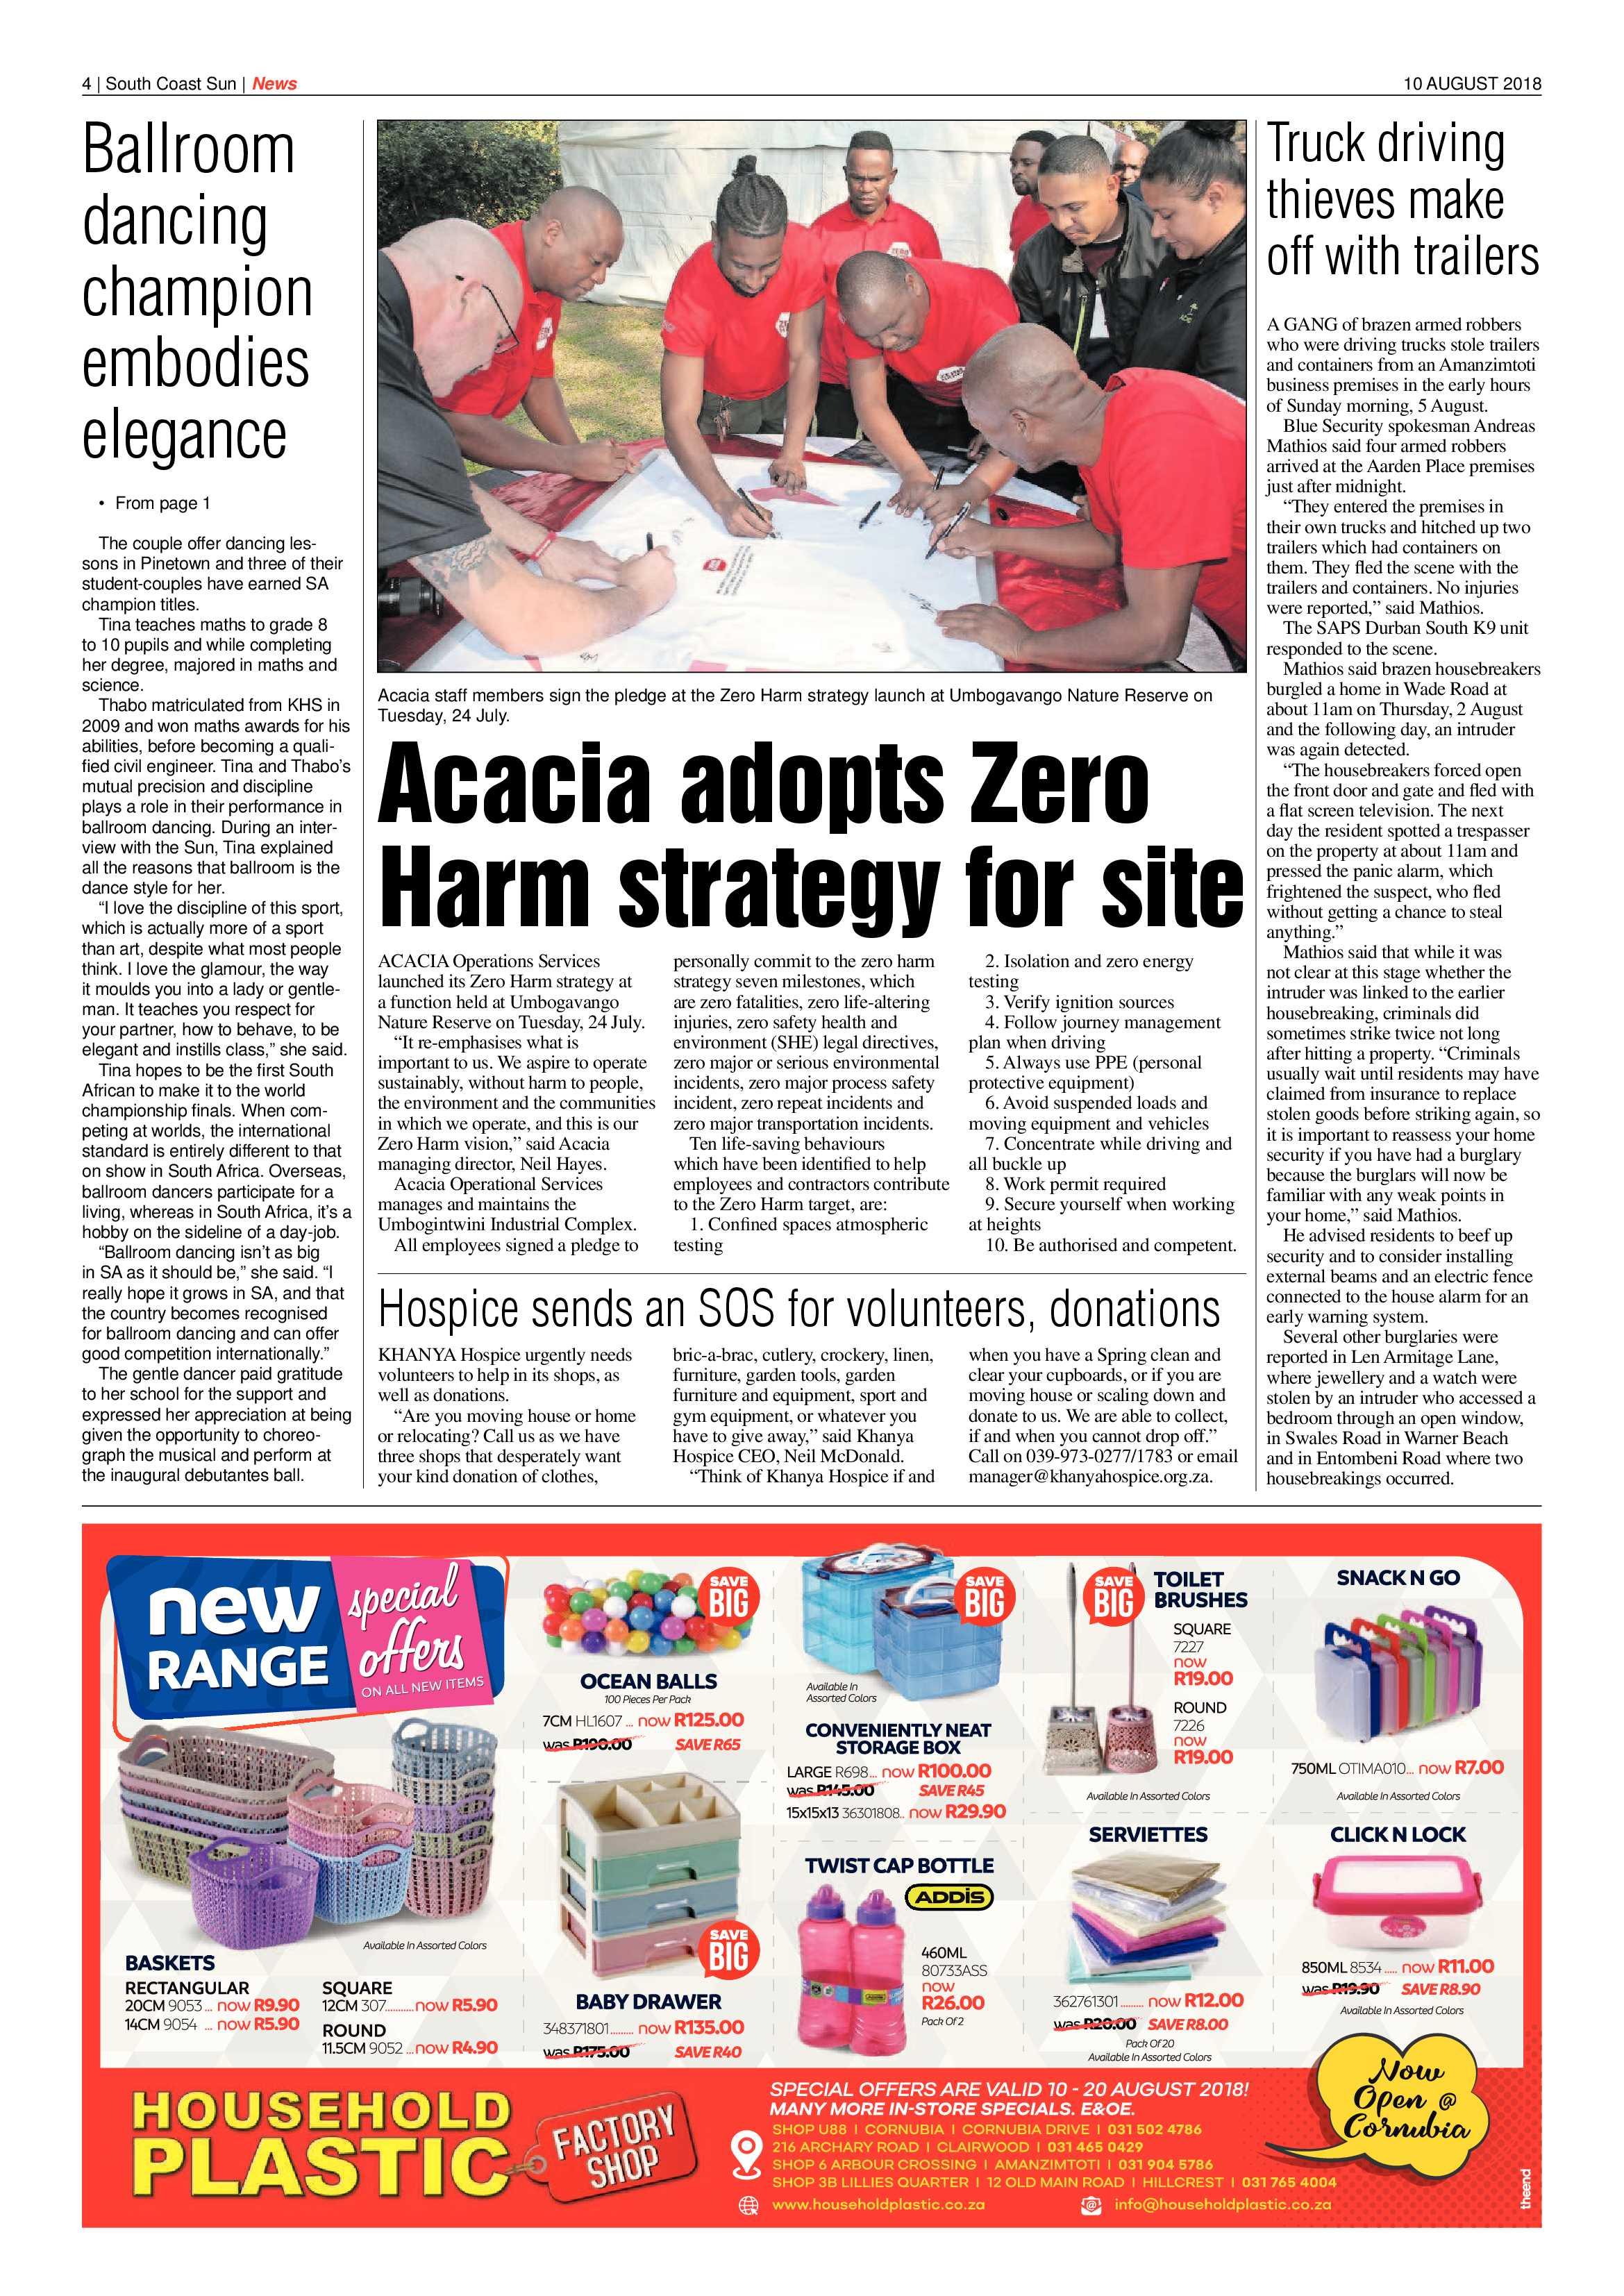 10 August 2018 | South Coast Sun  |10 August